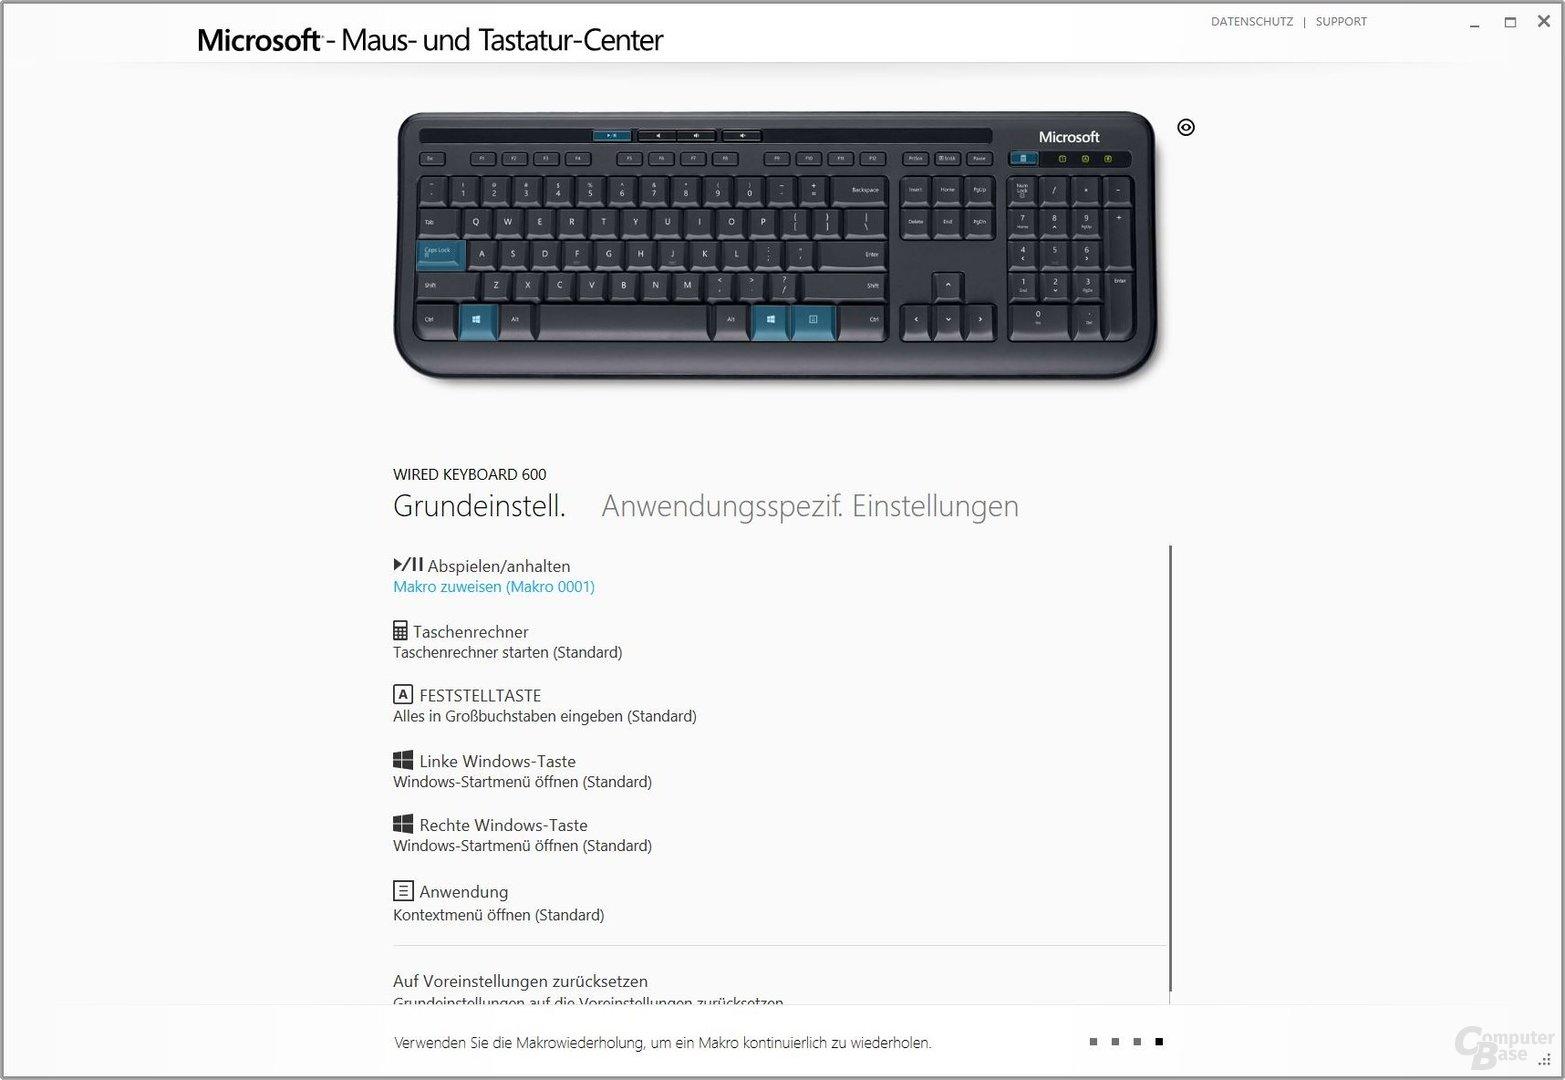 Per Software möglich: Die Konfiguration der Tastatur